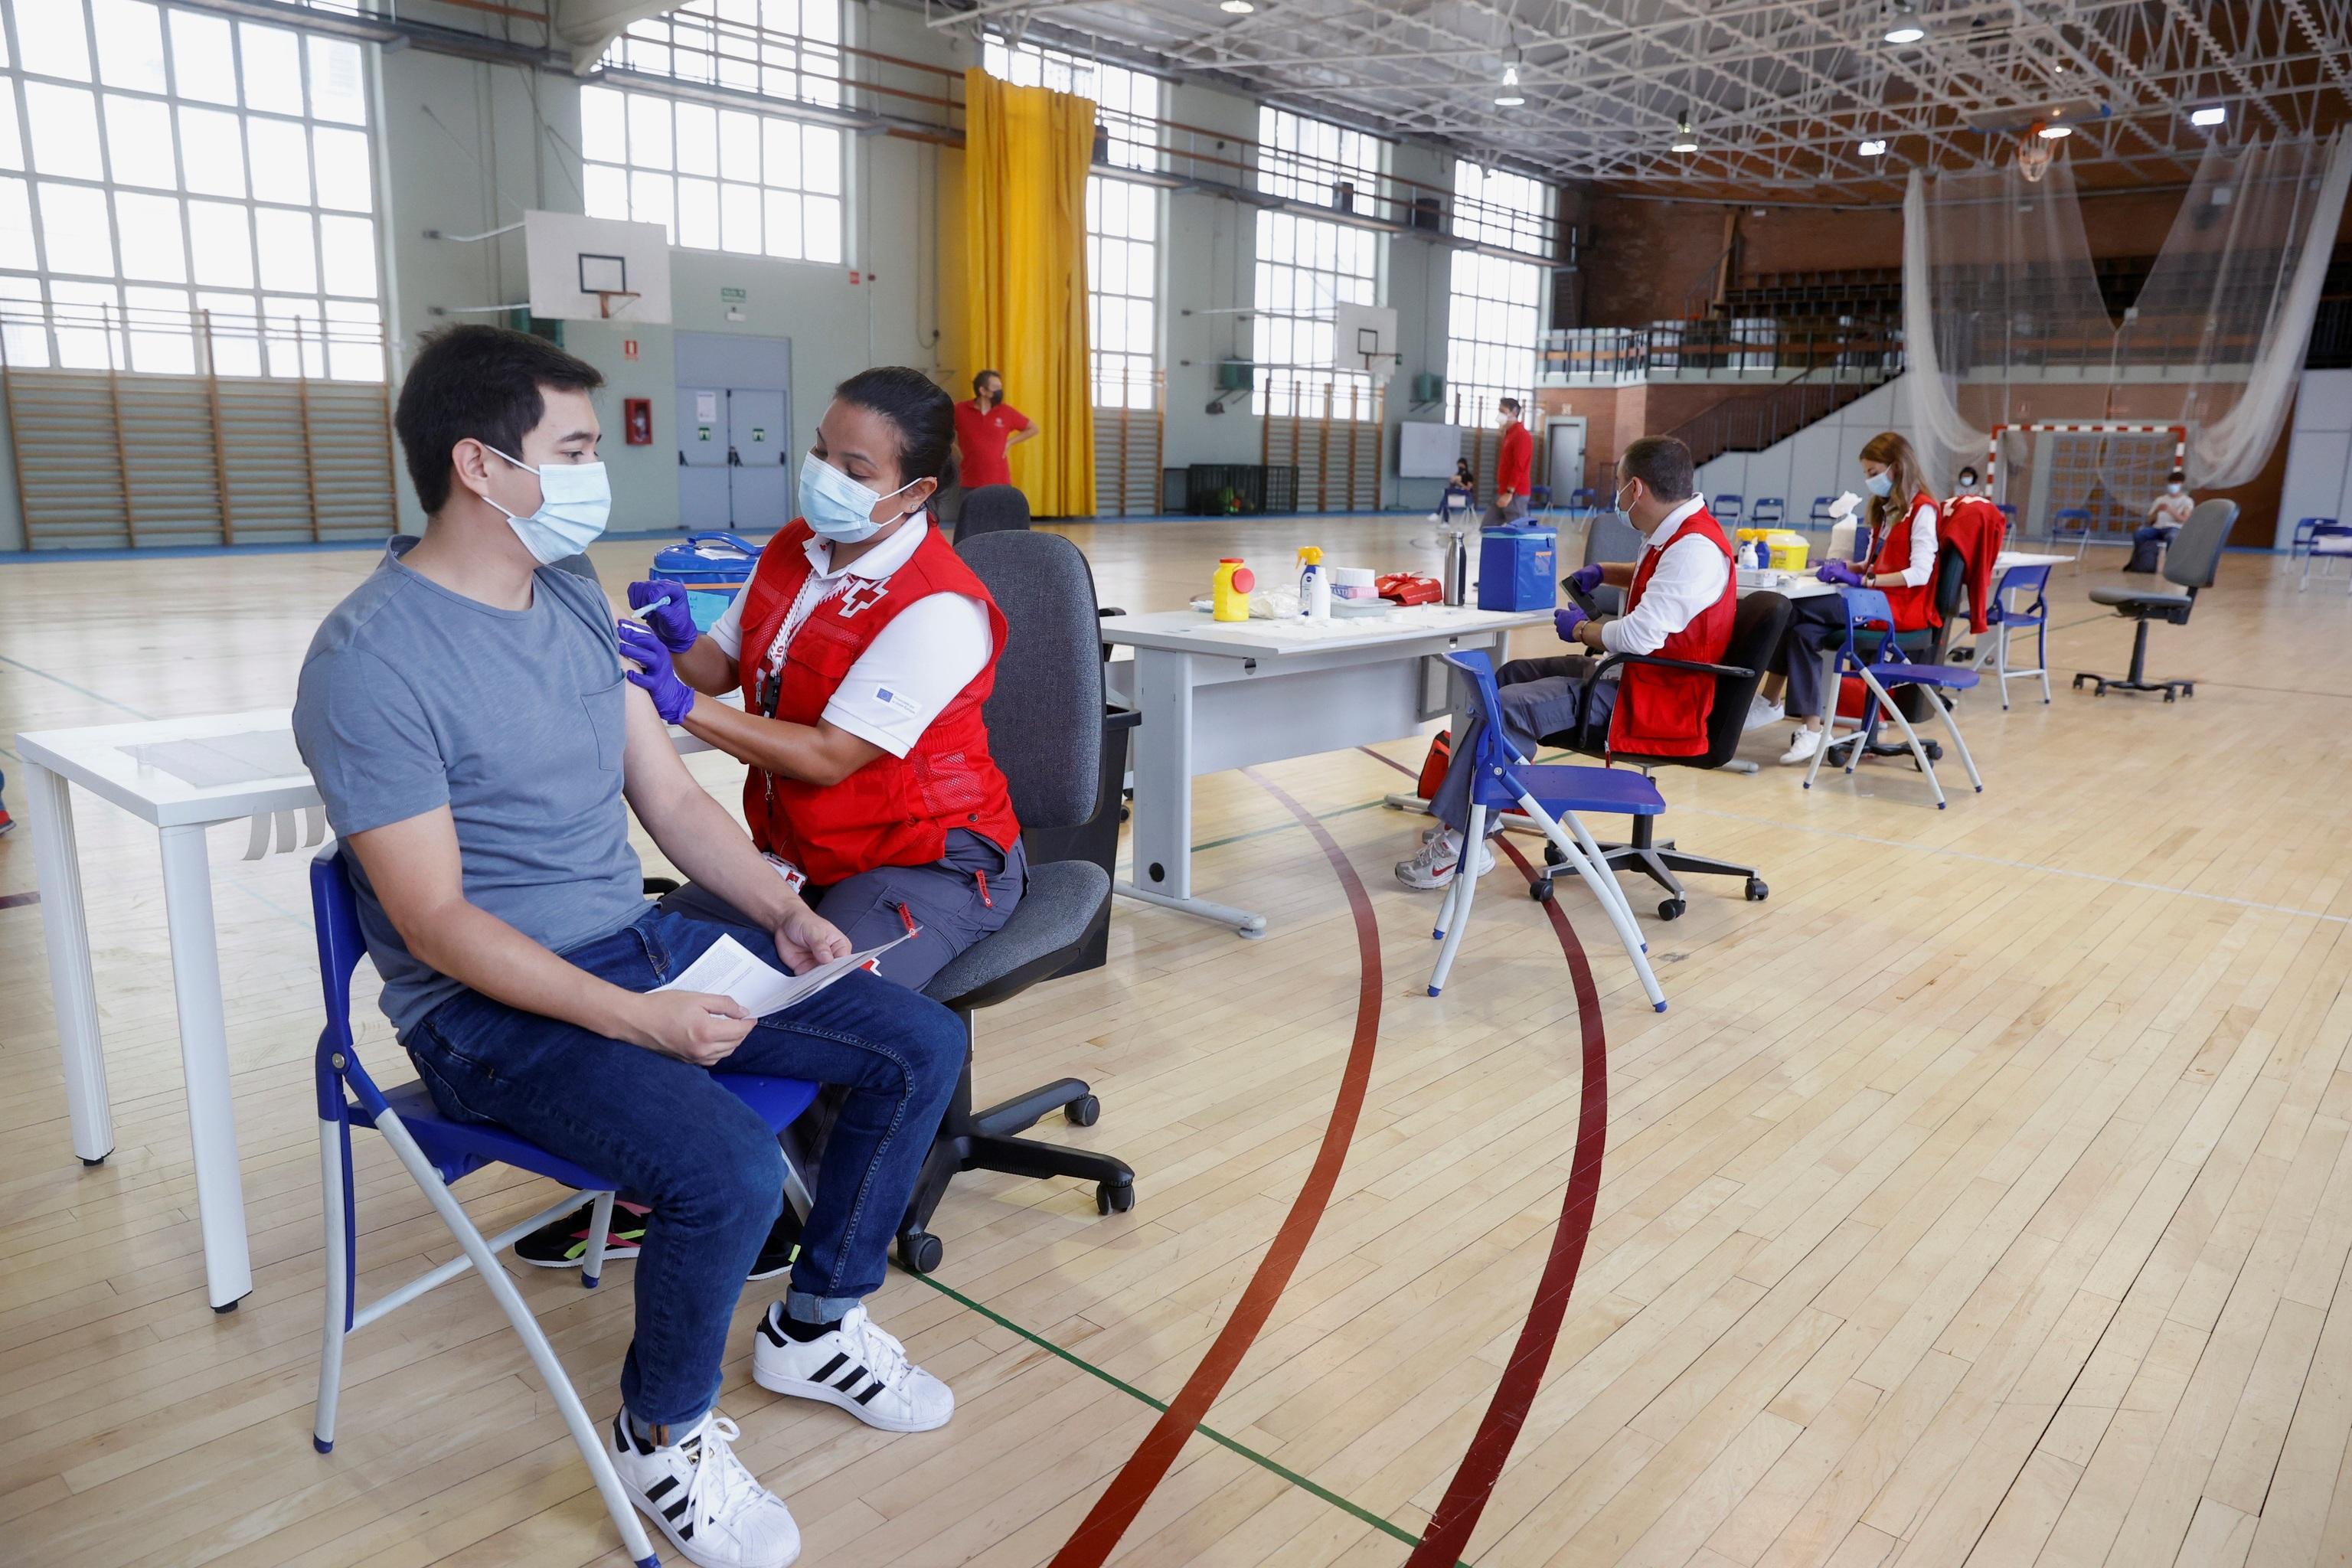 Un joven recibe una dosis de la vacuna en el polideportivo de la Almudena de la Universidad Complutense de Madrid.